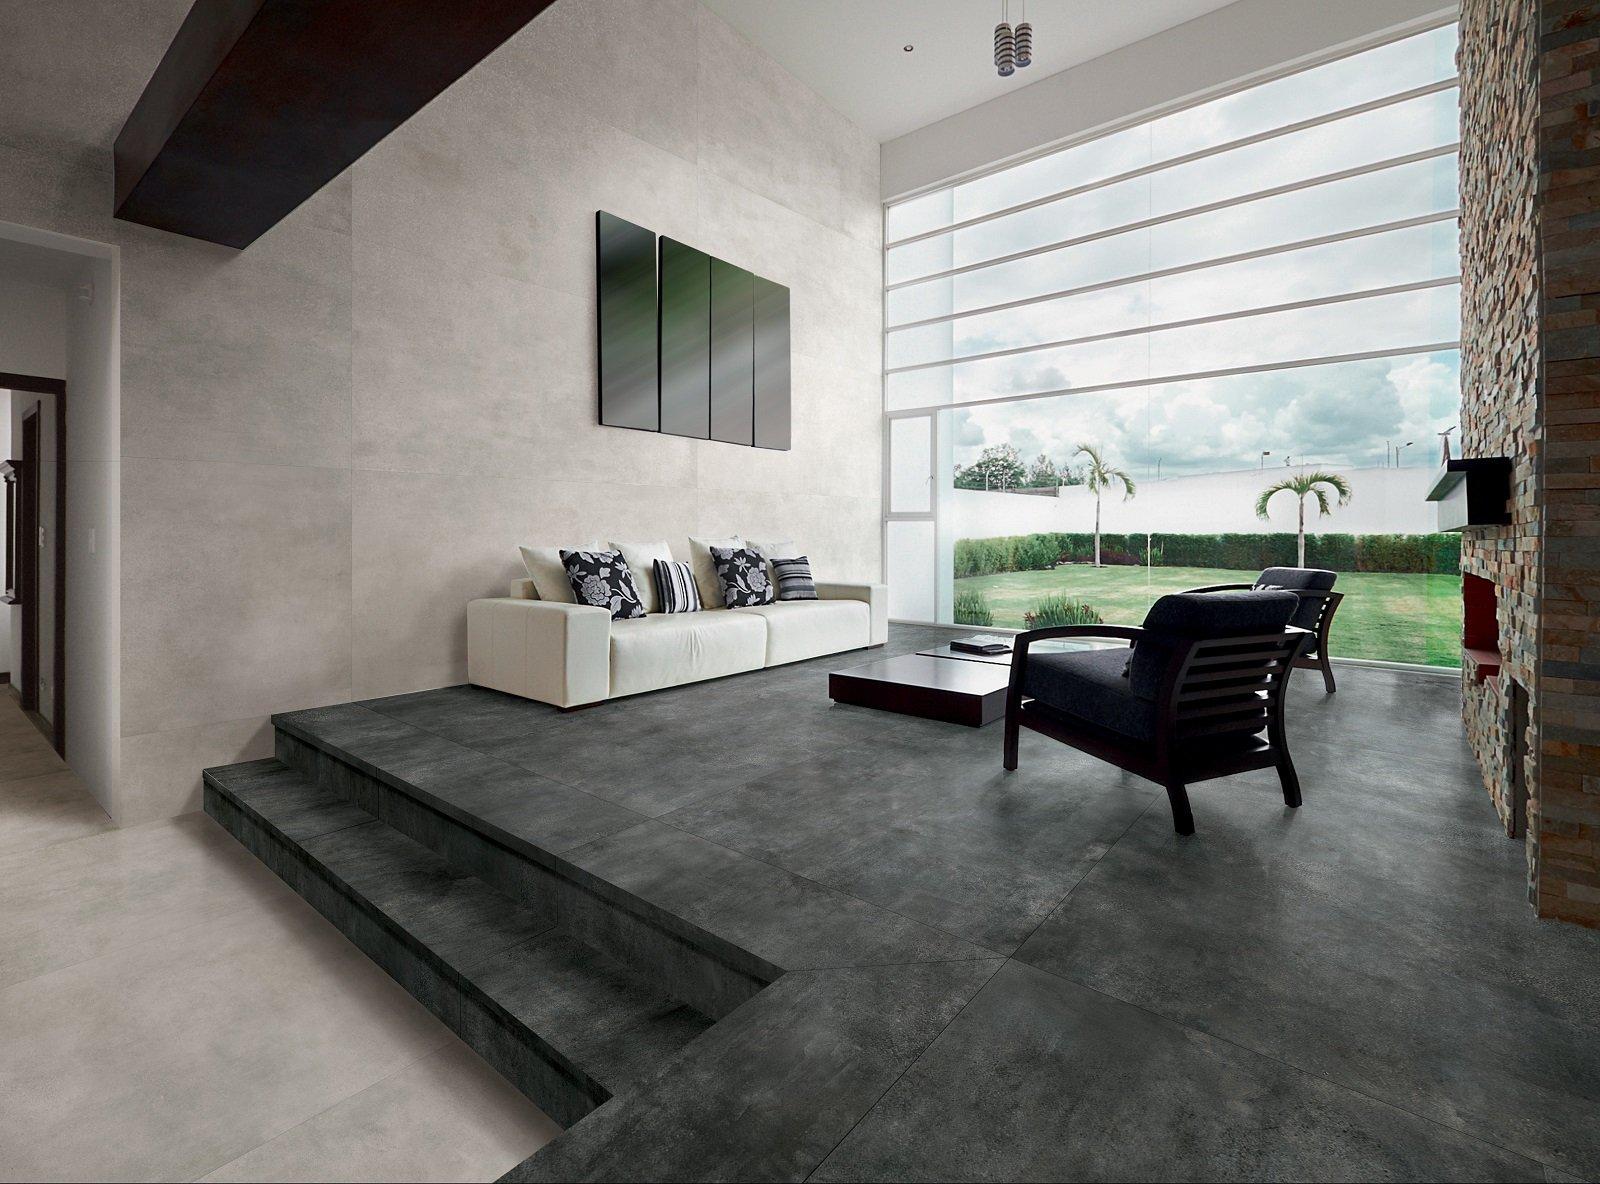 Pavimenti Moderni Senza Fughe i pavimenti in gres porcellanato con effetto cemento hanno